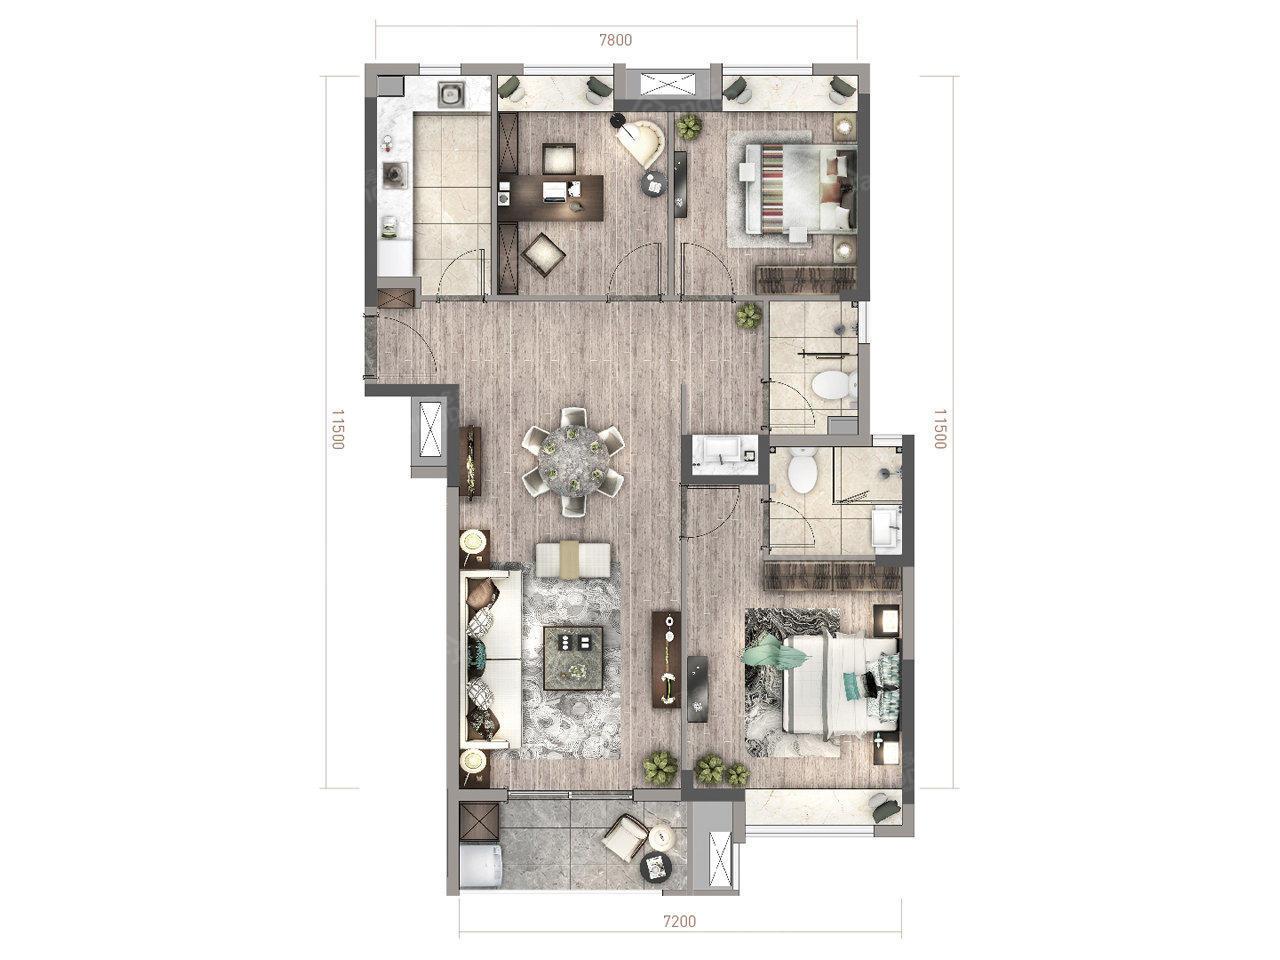 绿地梓湾国际康养度假区3室1厅2卫户型图